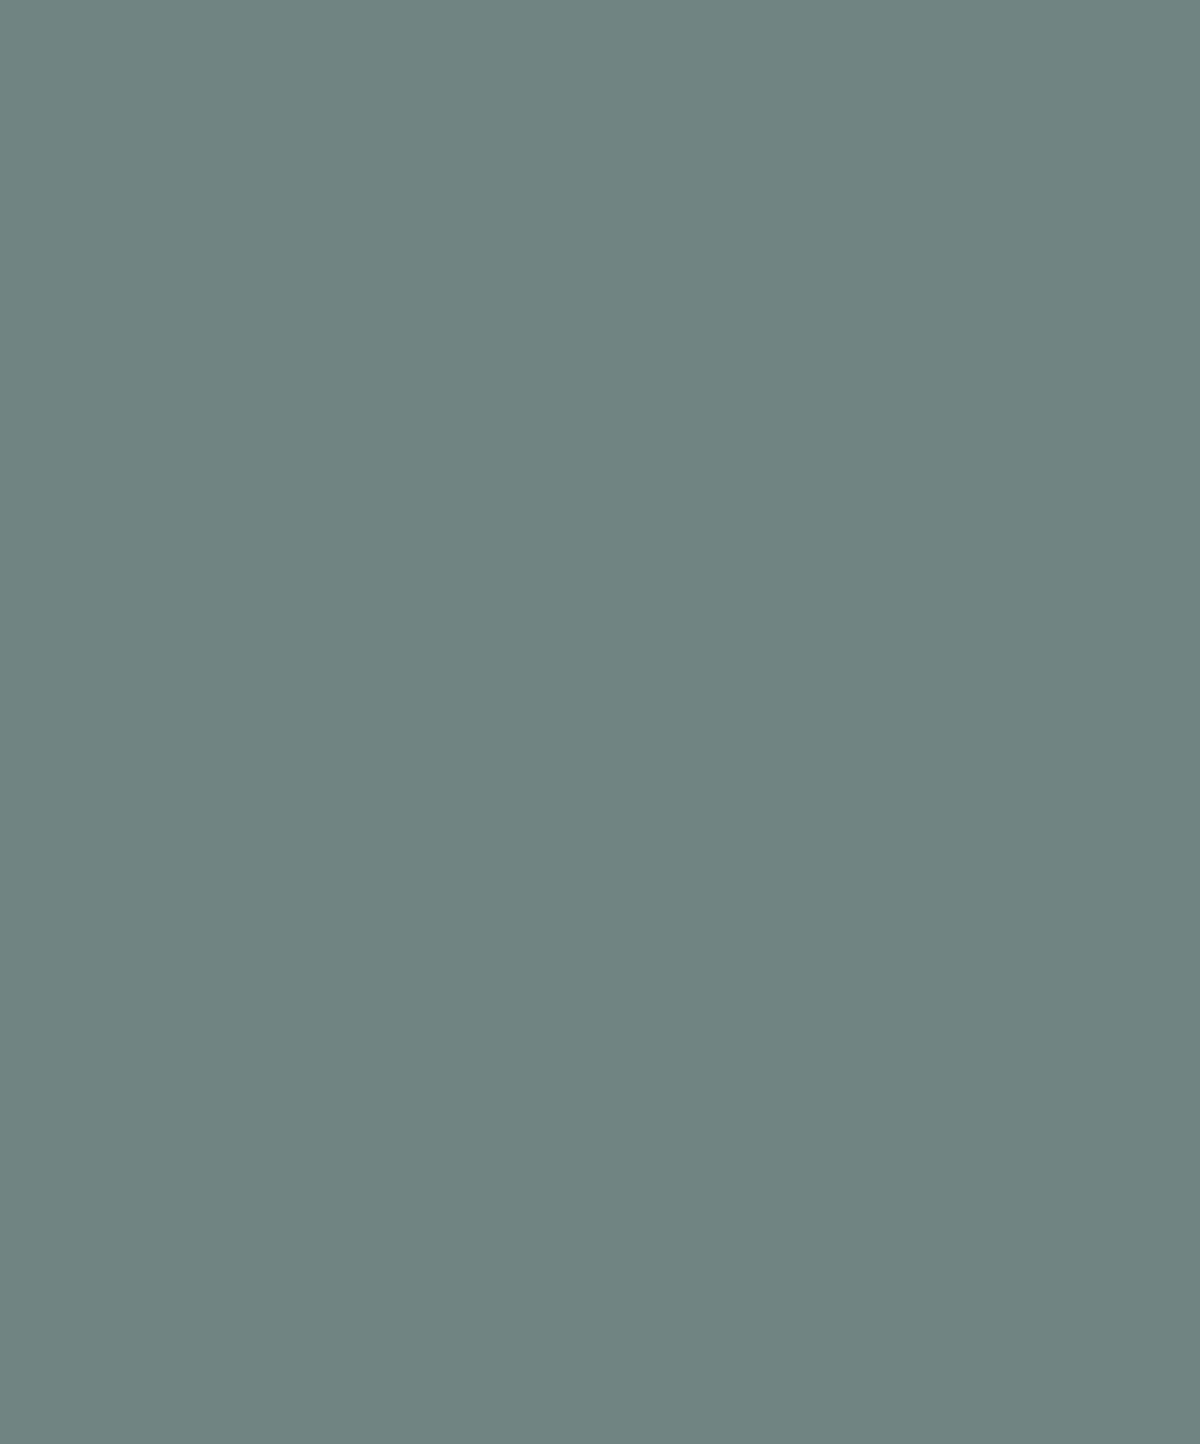 Марк Шагал. Галерея 2